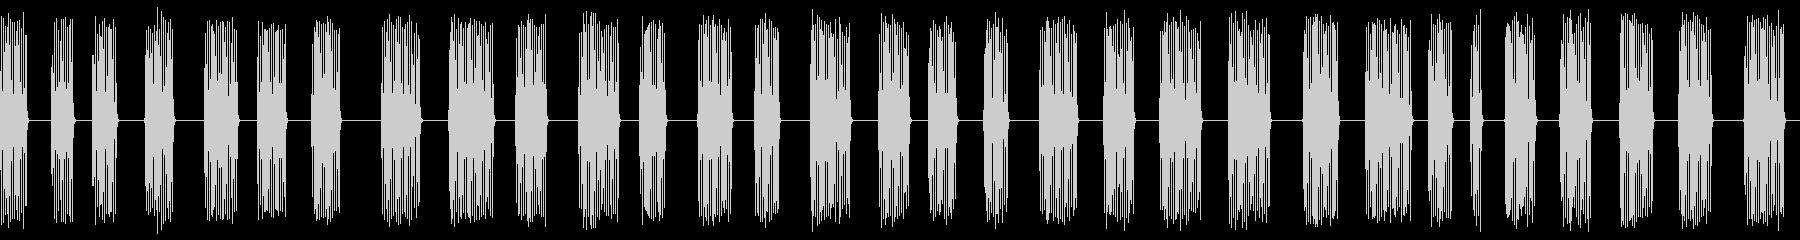 コオロギ 鳴き声 ギィギィギィ…(長い)の未再生の波形